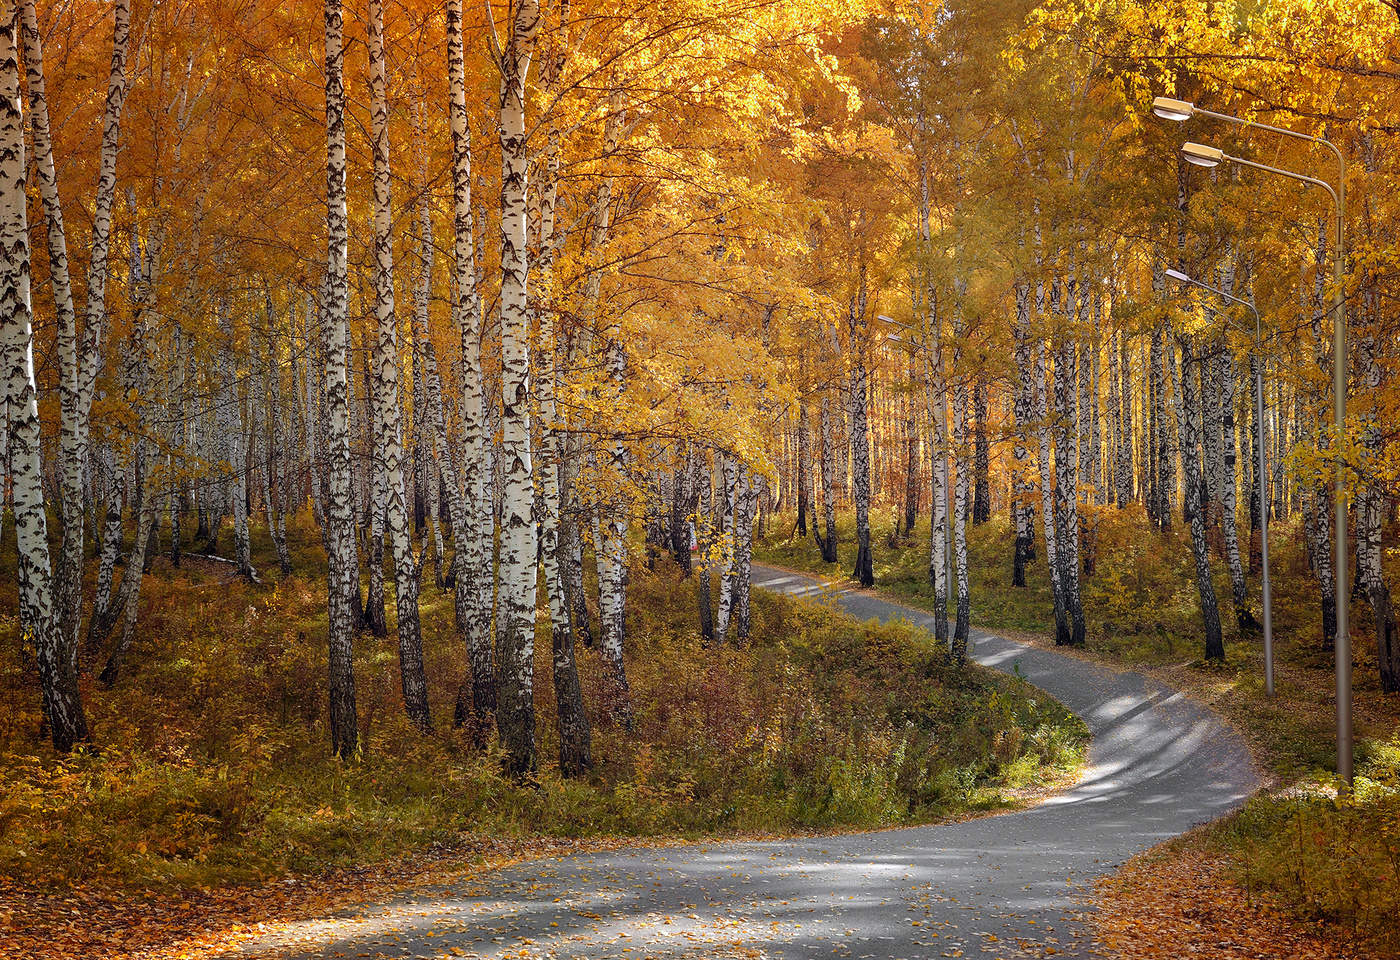 быть, картинки березовая роща золотая осень этого необходимо взять